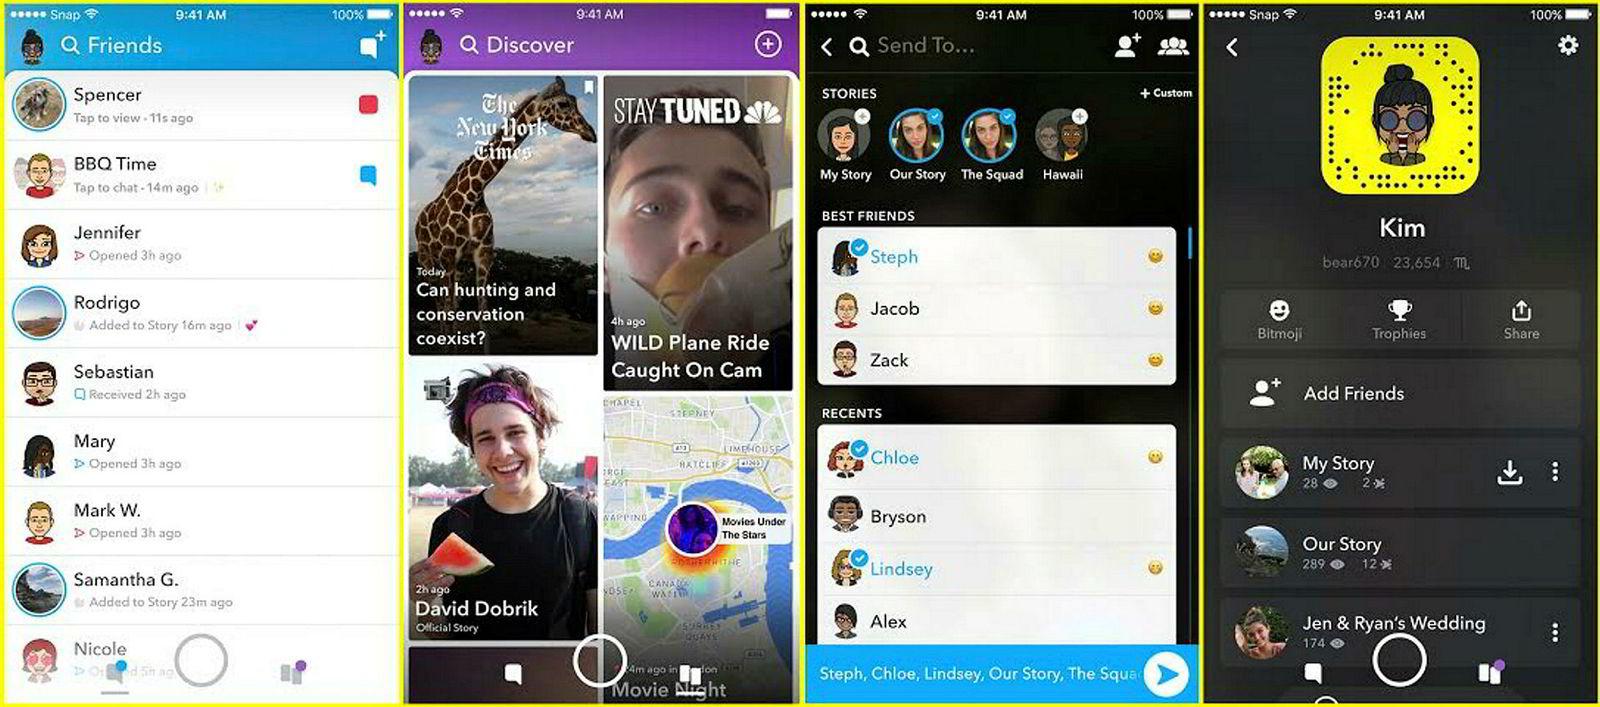 I den nye Snapchat-oppdateringen blir det et klarere skille mellom venner og kommersielle innholdsskapere.